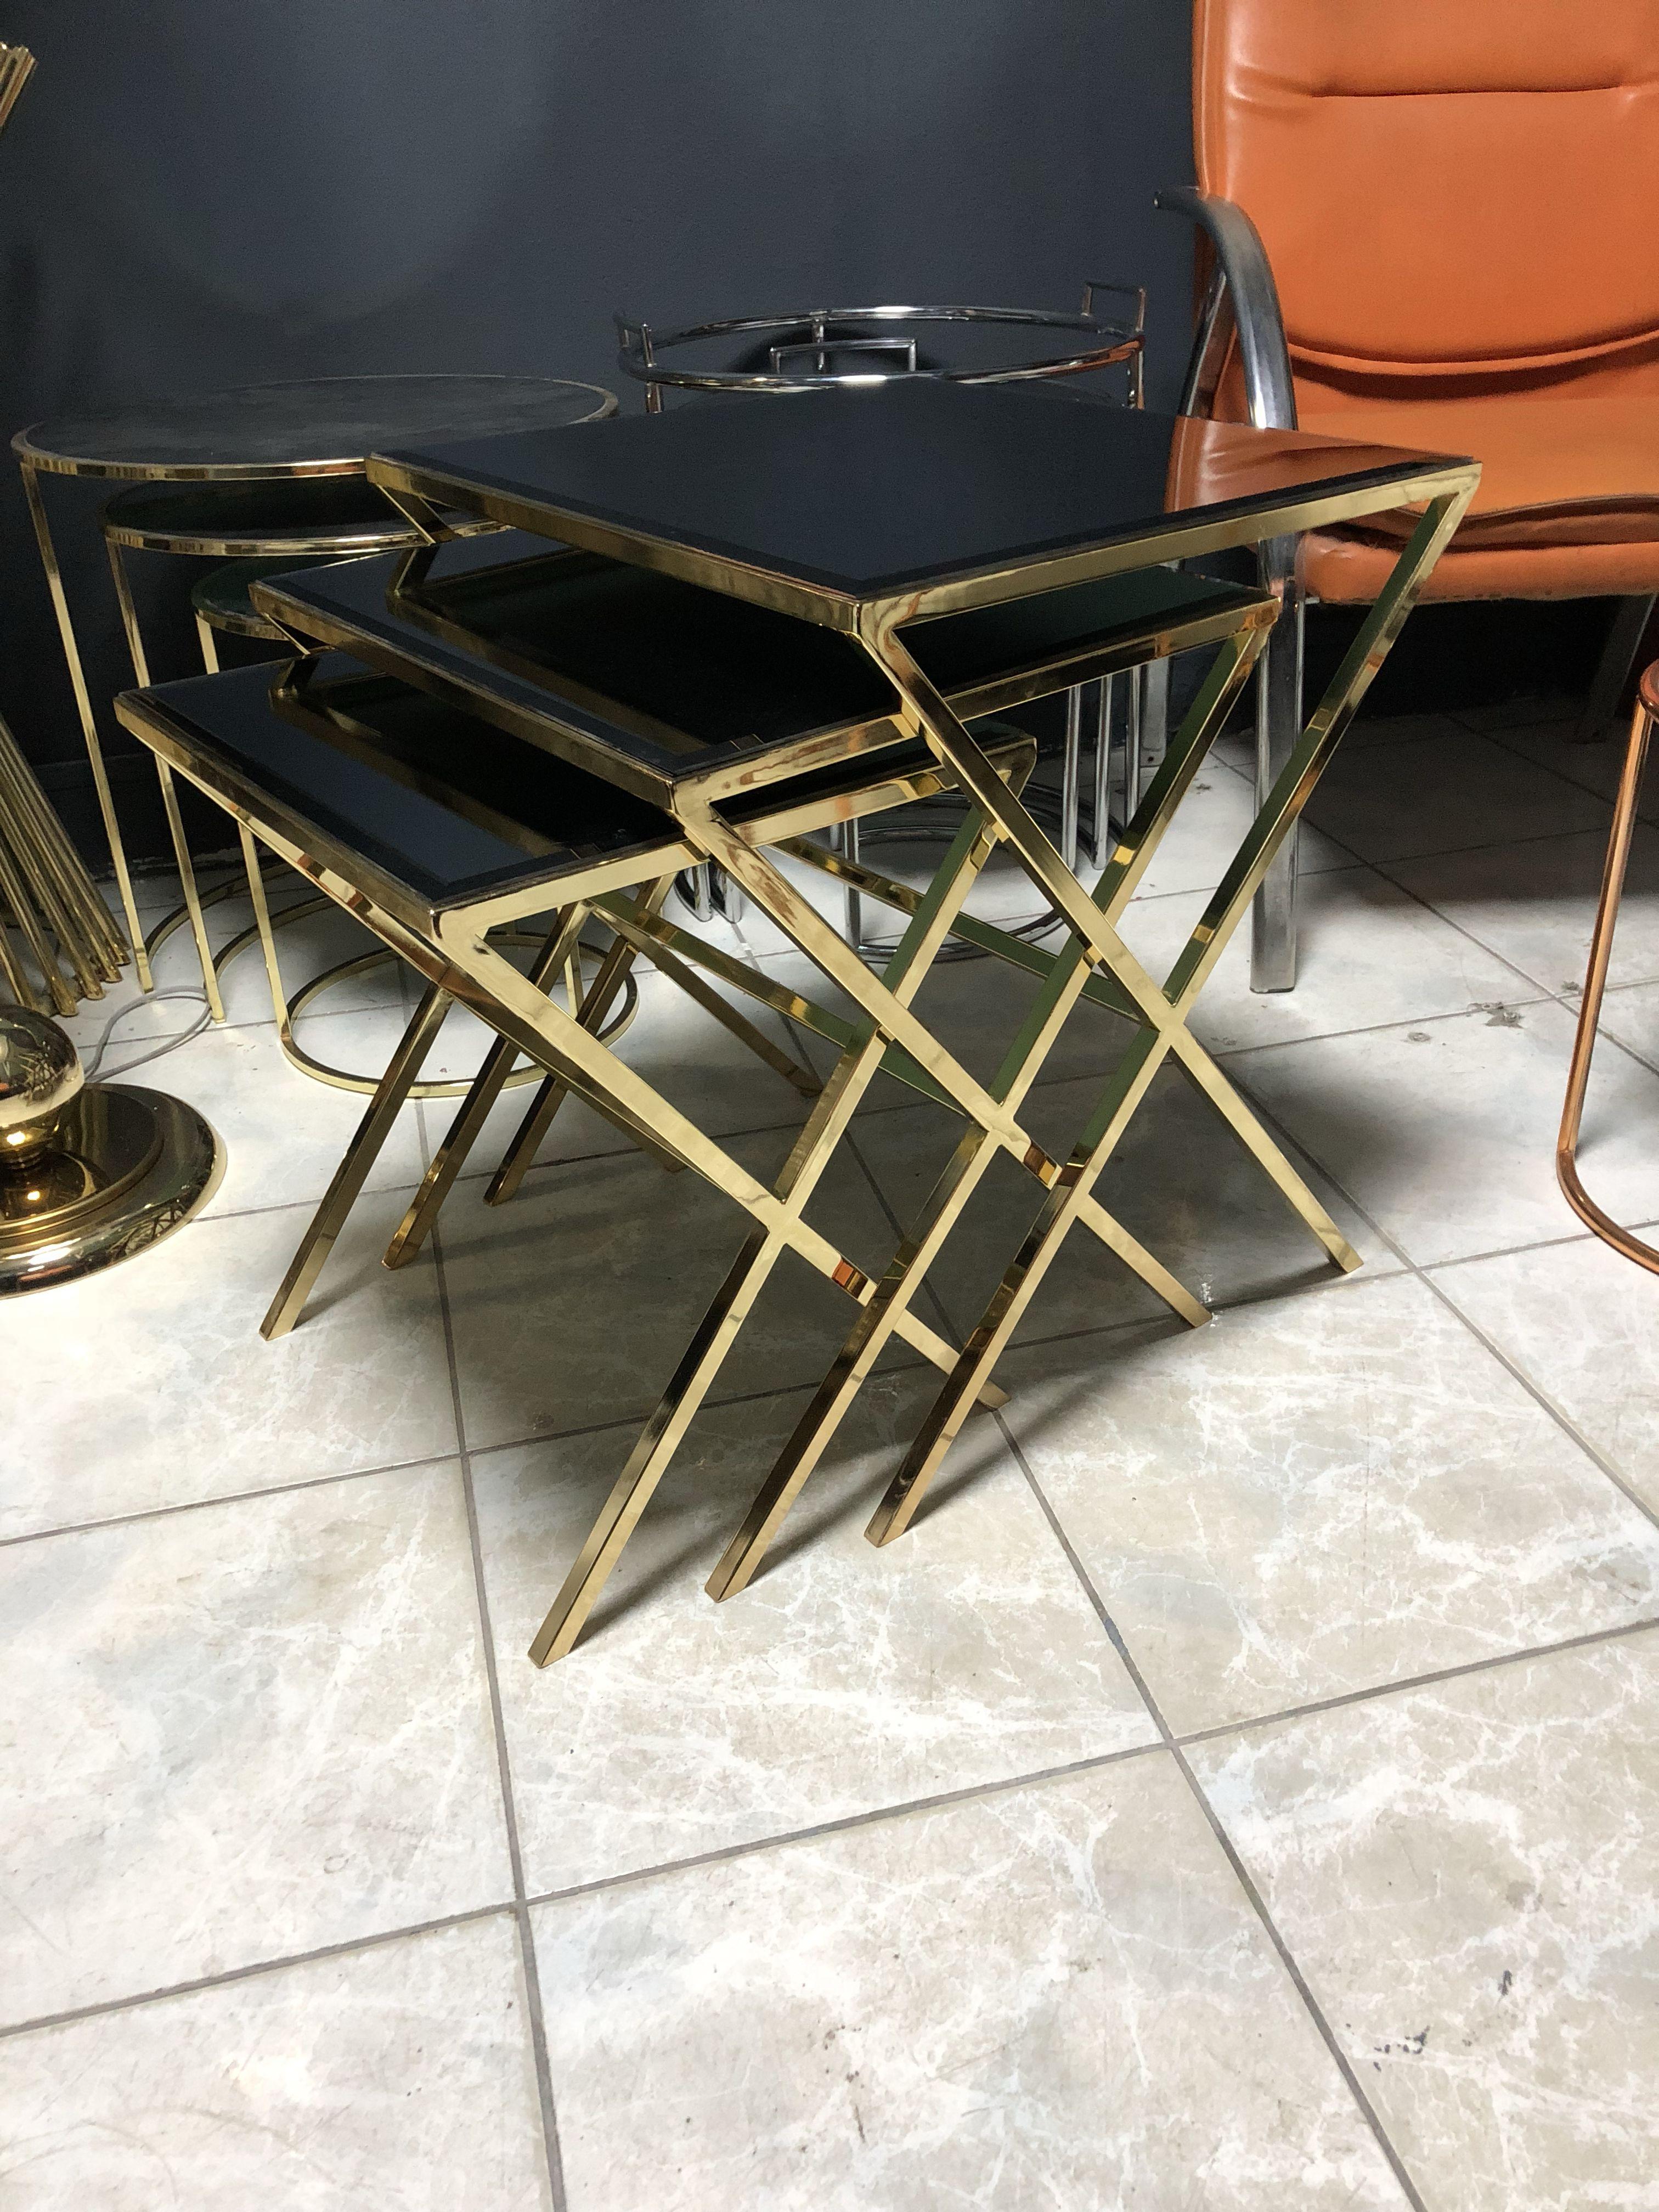 Zigon Metal Gold Sehpa Mobilya Tasarimi Mobilya Metal